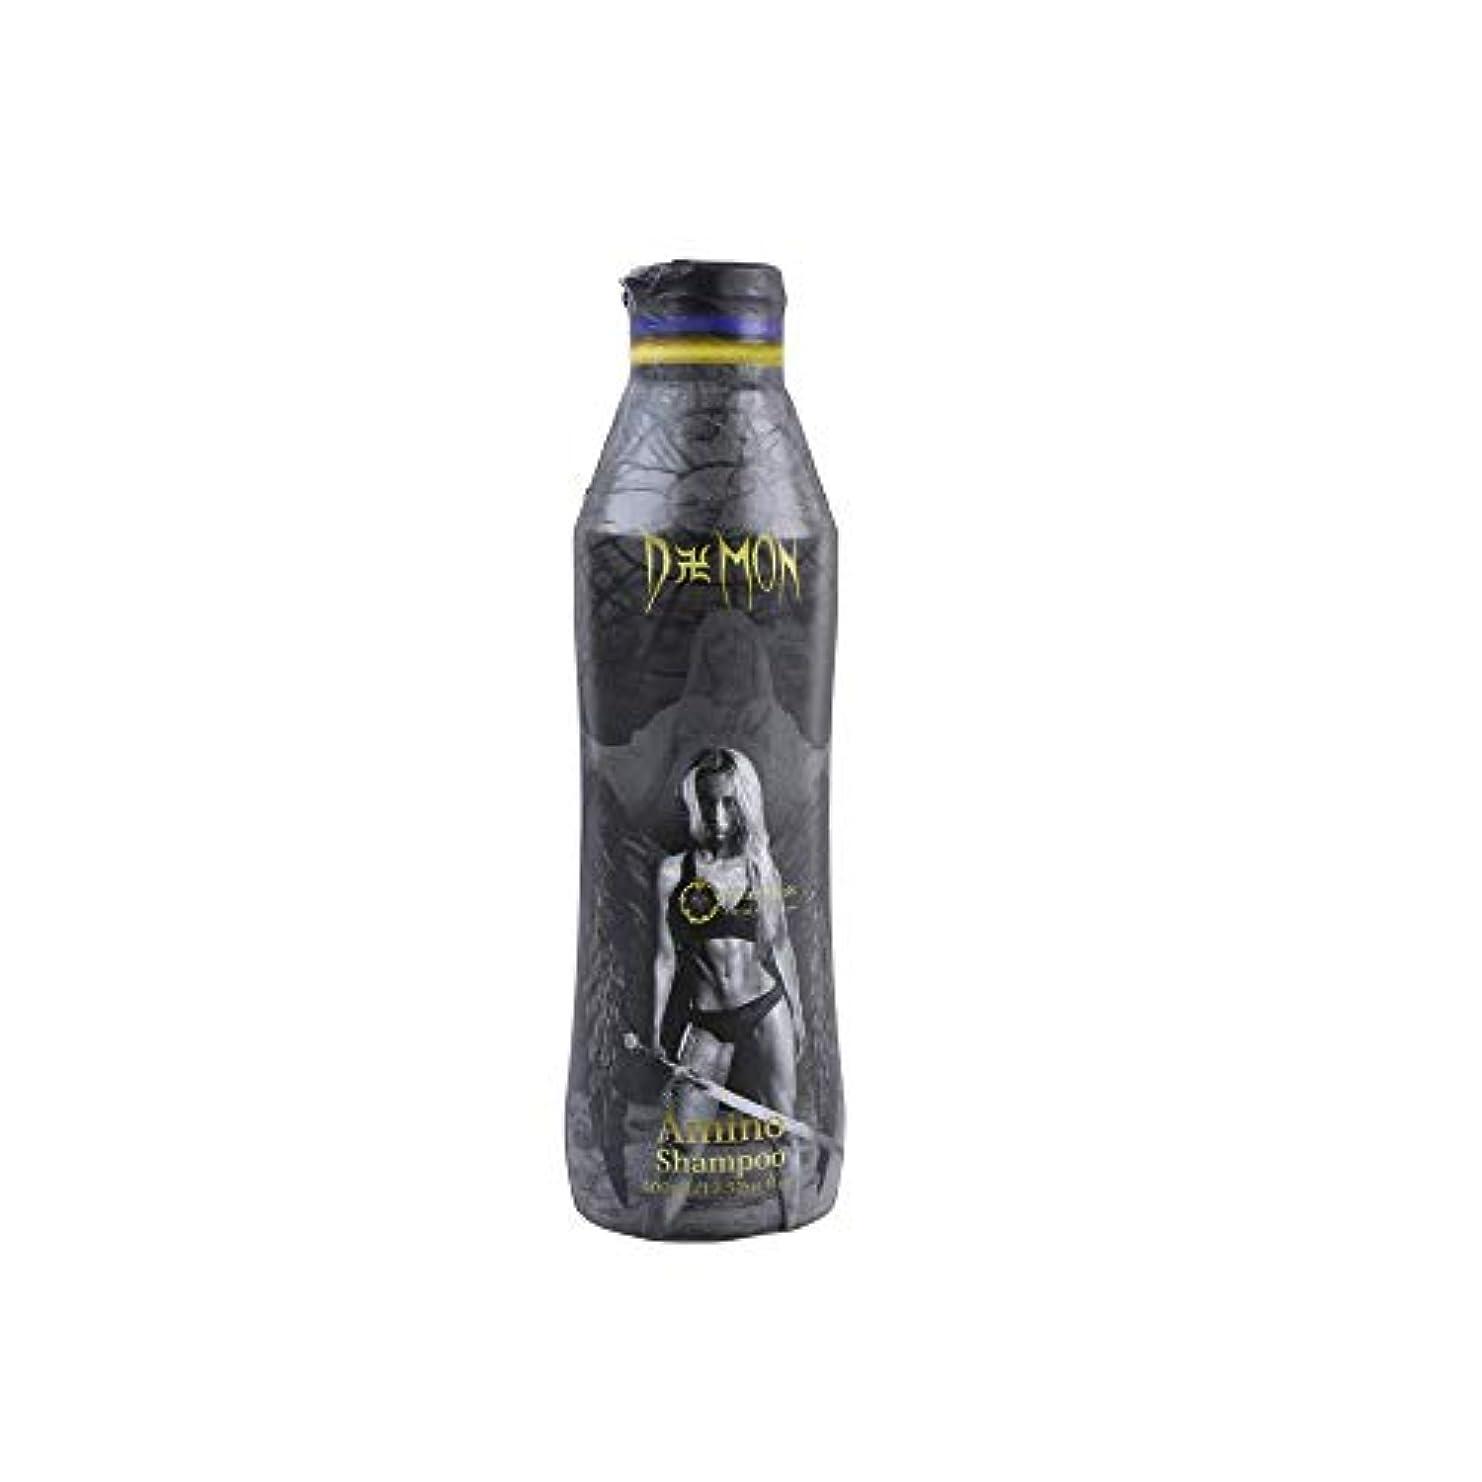 波爆弾スポーツの試合を担当している人Daemon アミノシャンプー ユニセックス 400mL CREAM SODAの香り